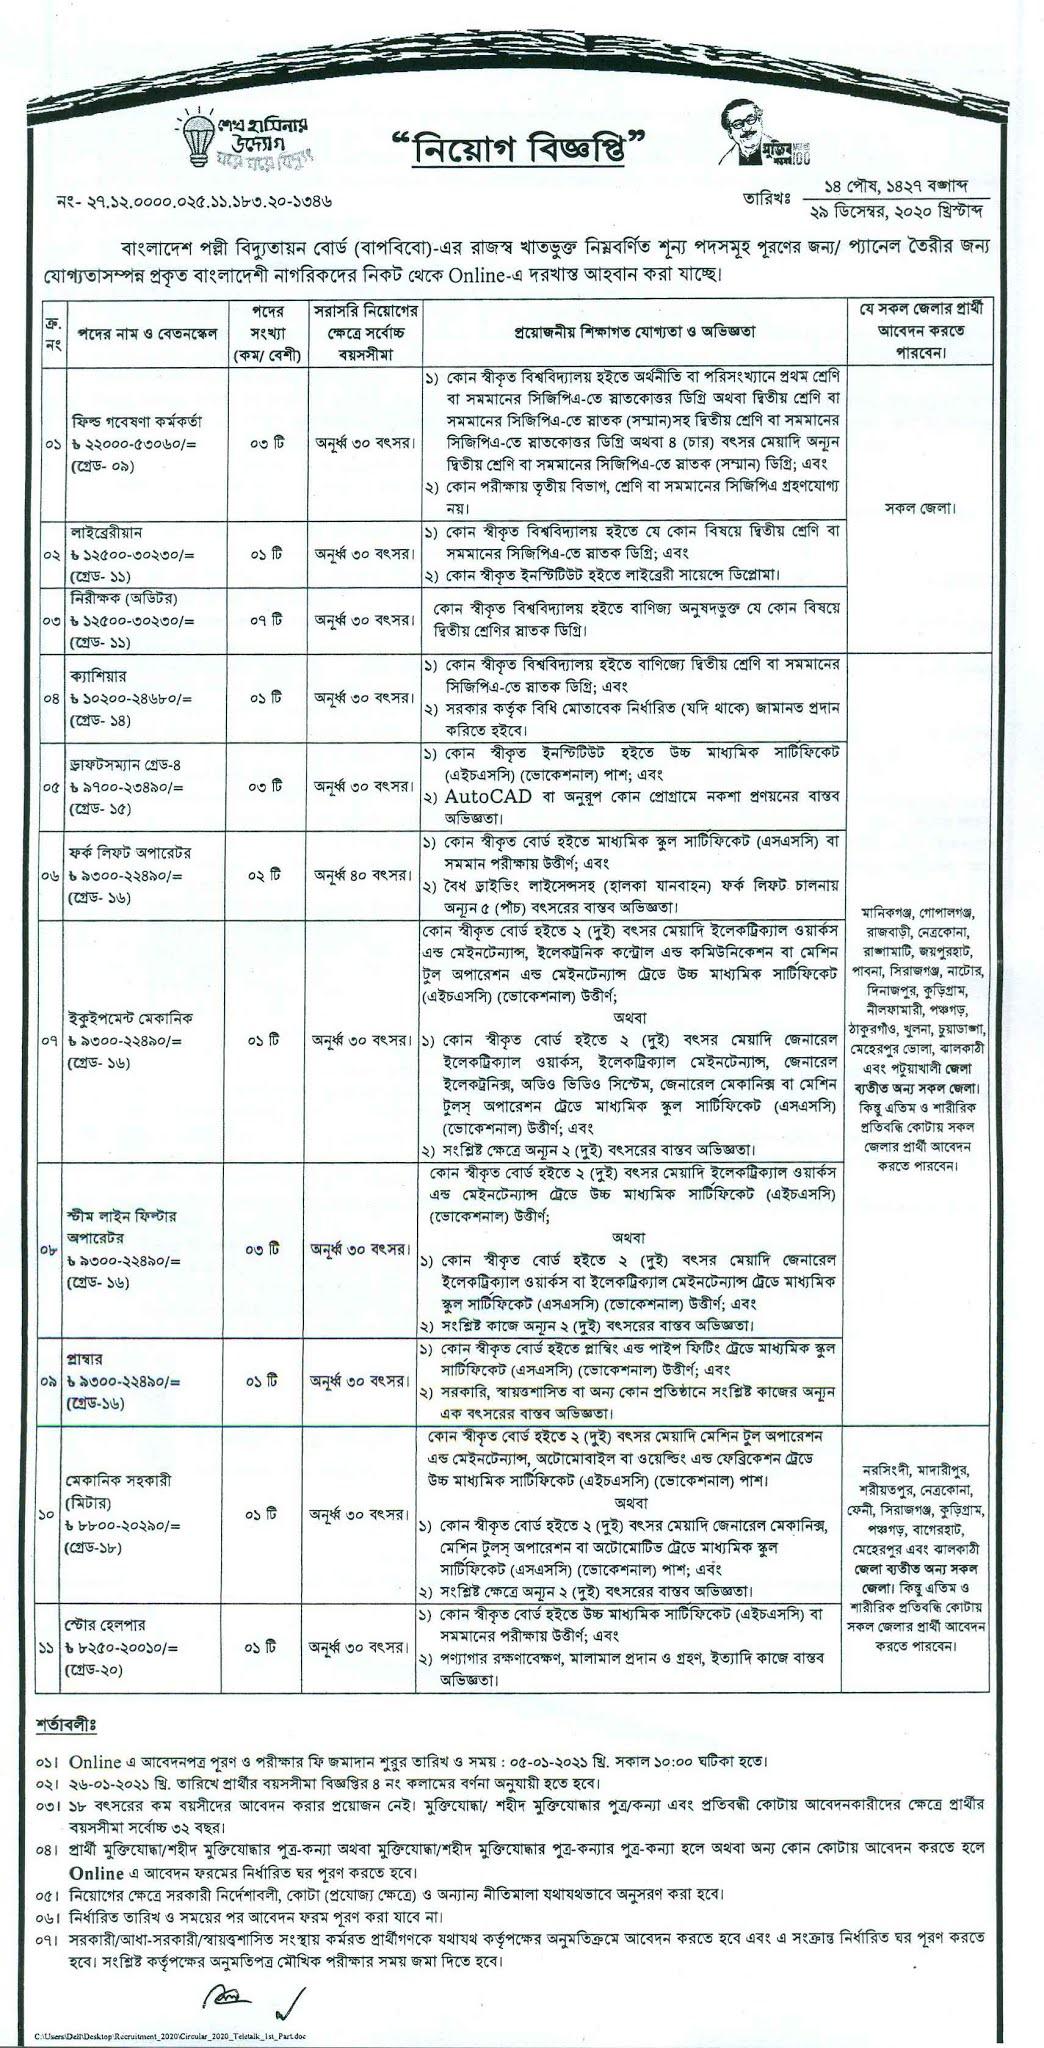 পল্লী বিদ্যুৎ নিয়োগ বিজ্ঞপ্তি ২০২১ - পল্লী বিদ্যুৎ চাকরির খবর ২০২১ - Bangladesh Rural Electrification Board Job Circular 2021